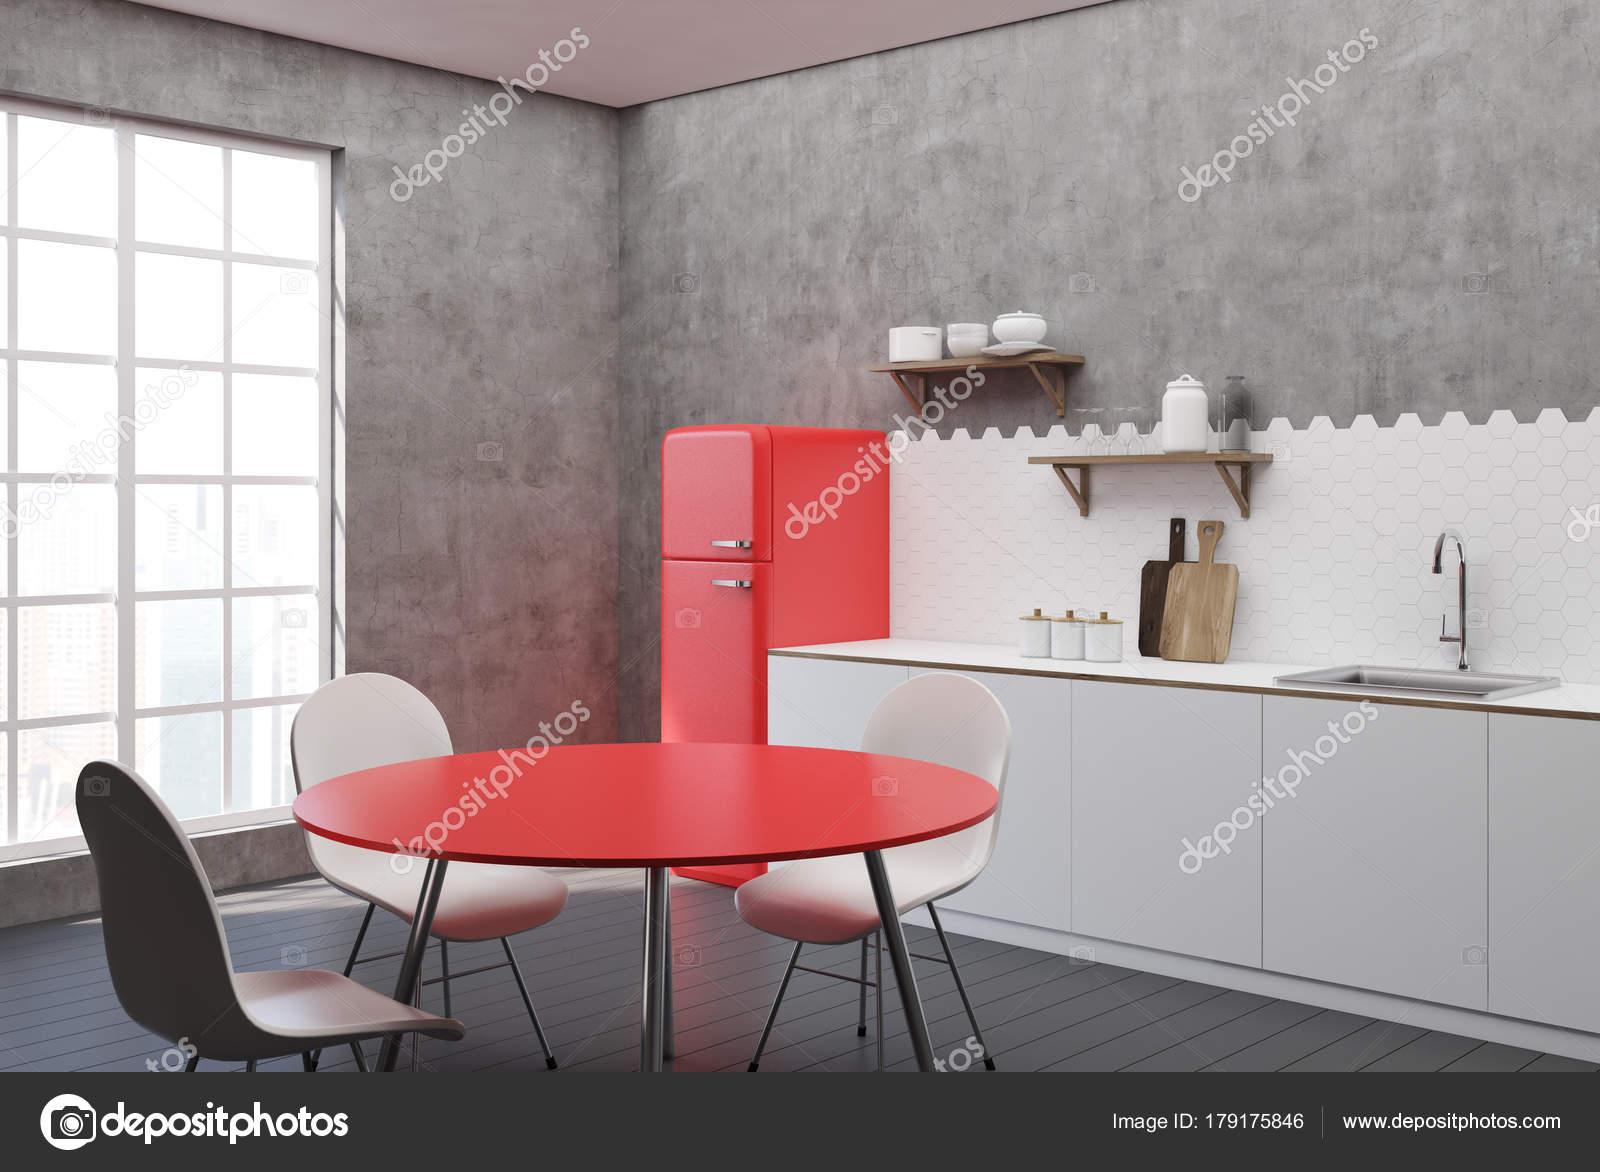 Mesa de cocina blanca y concreto, rojo — Foto de stock ...